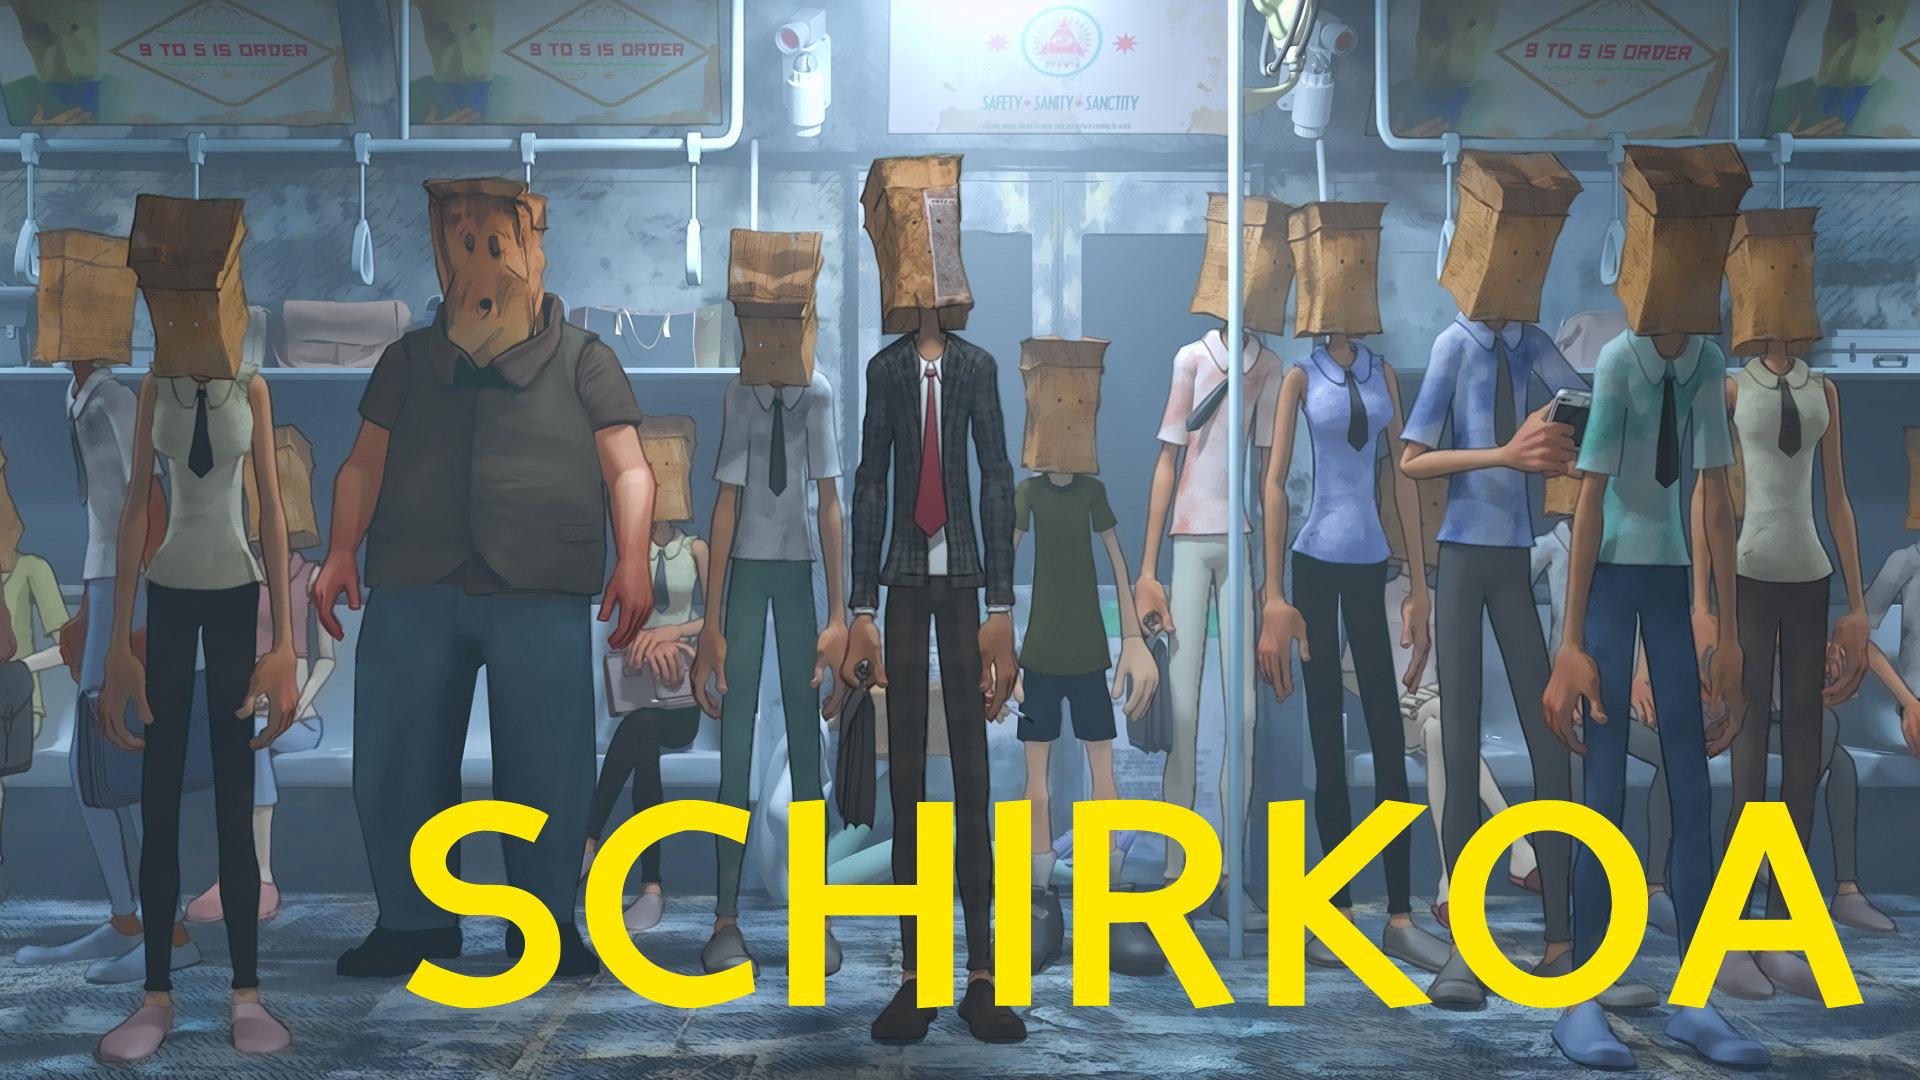 Schirkoa